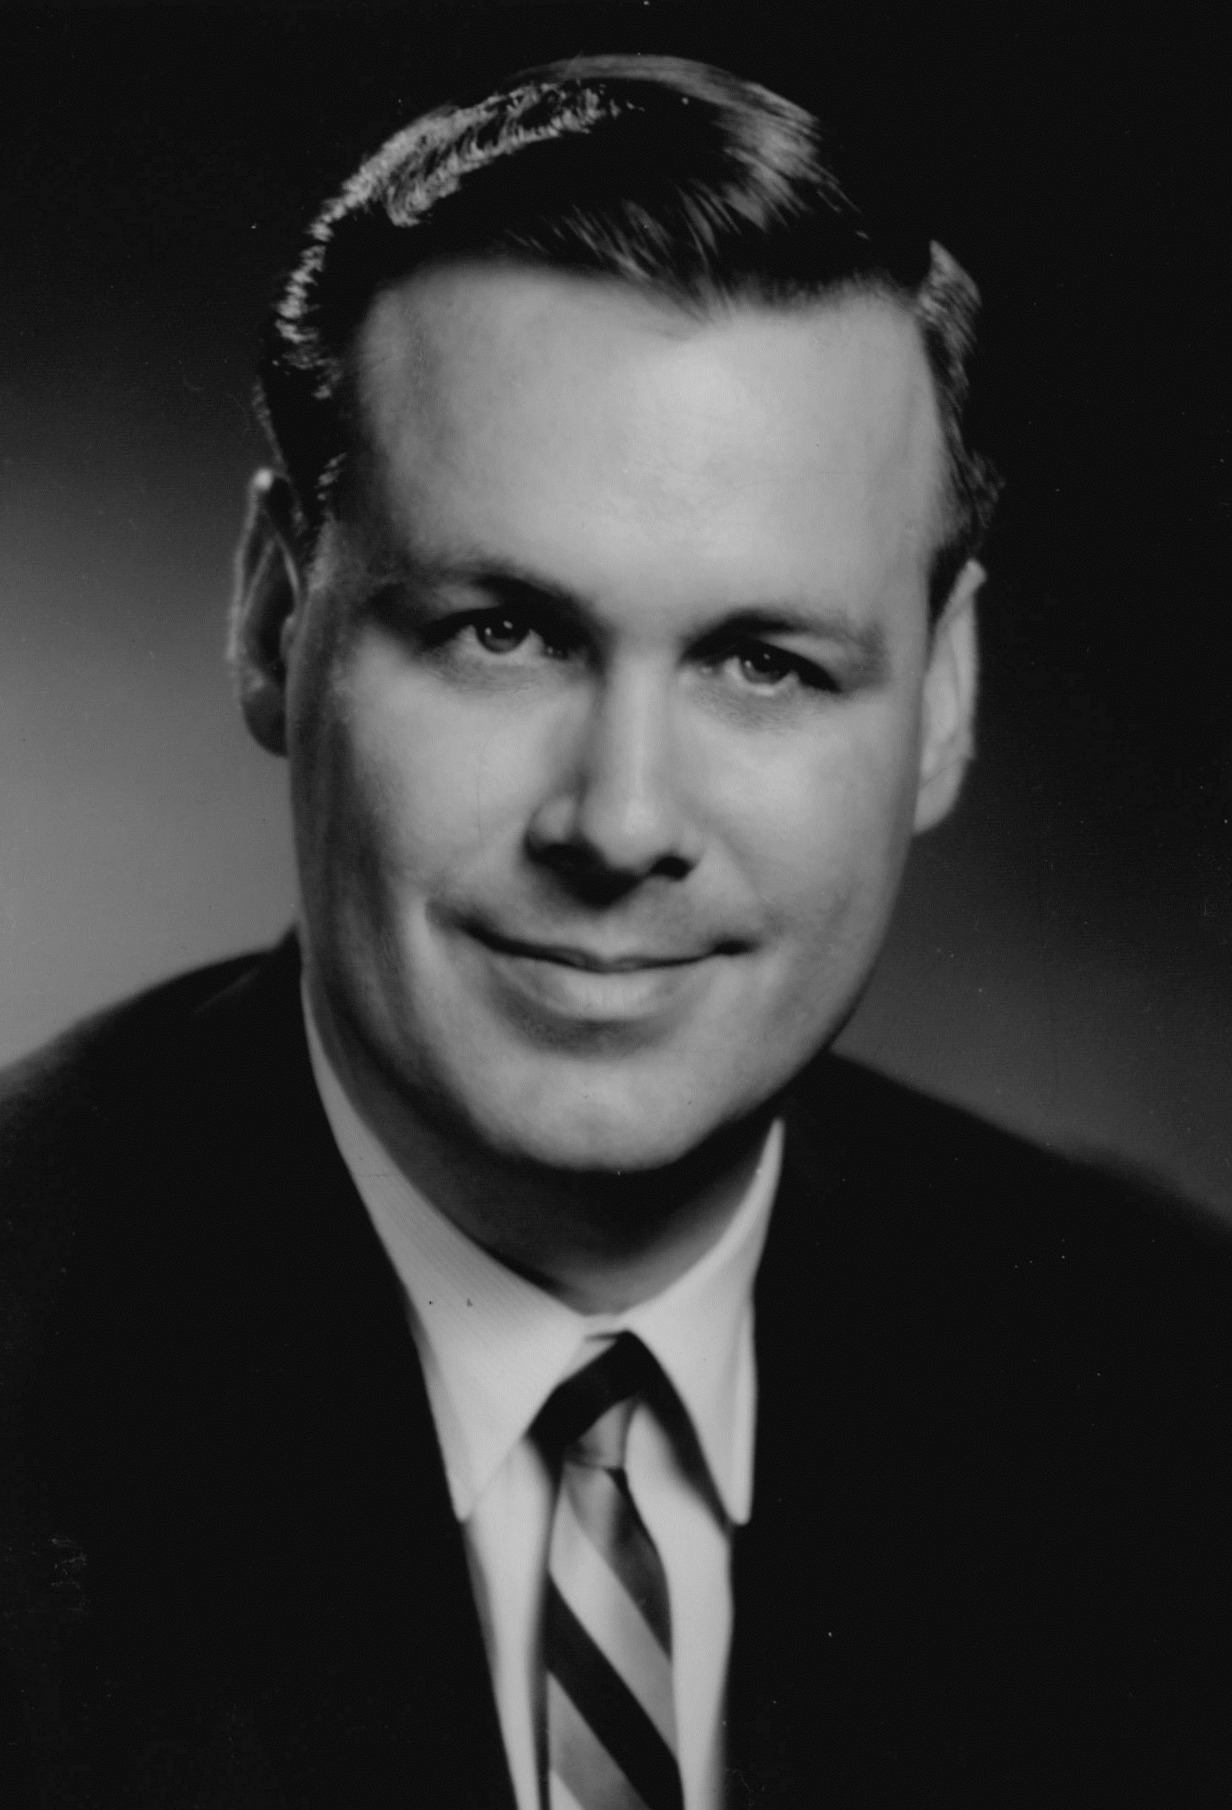 J. STANTON PORTER